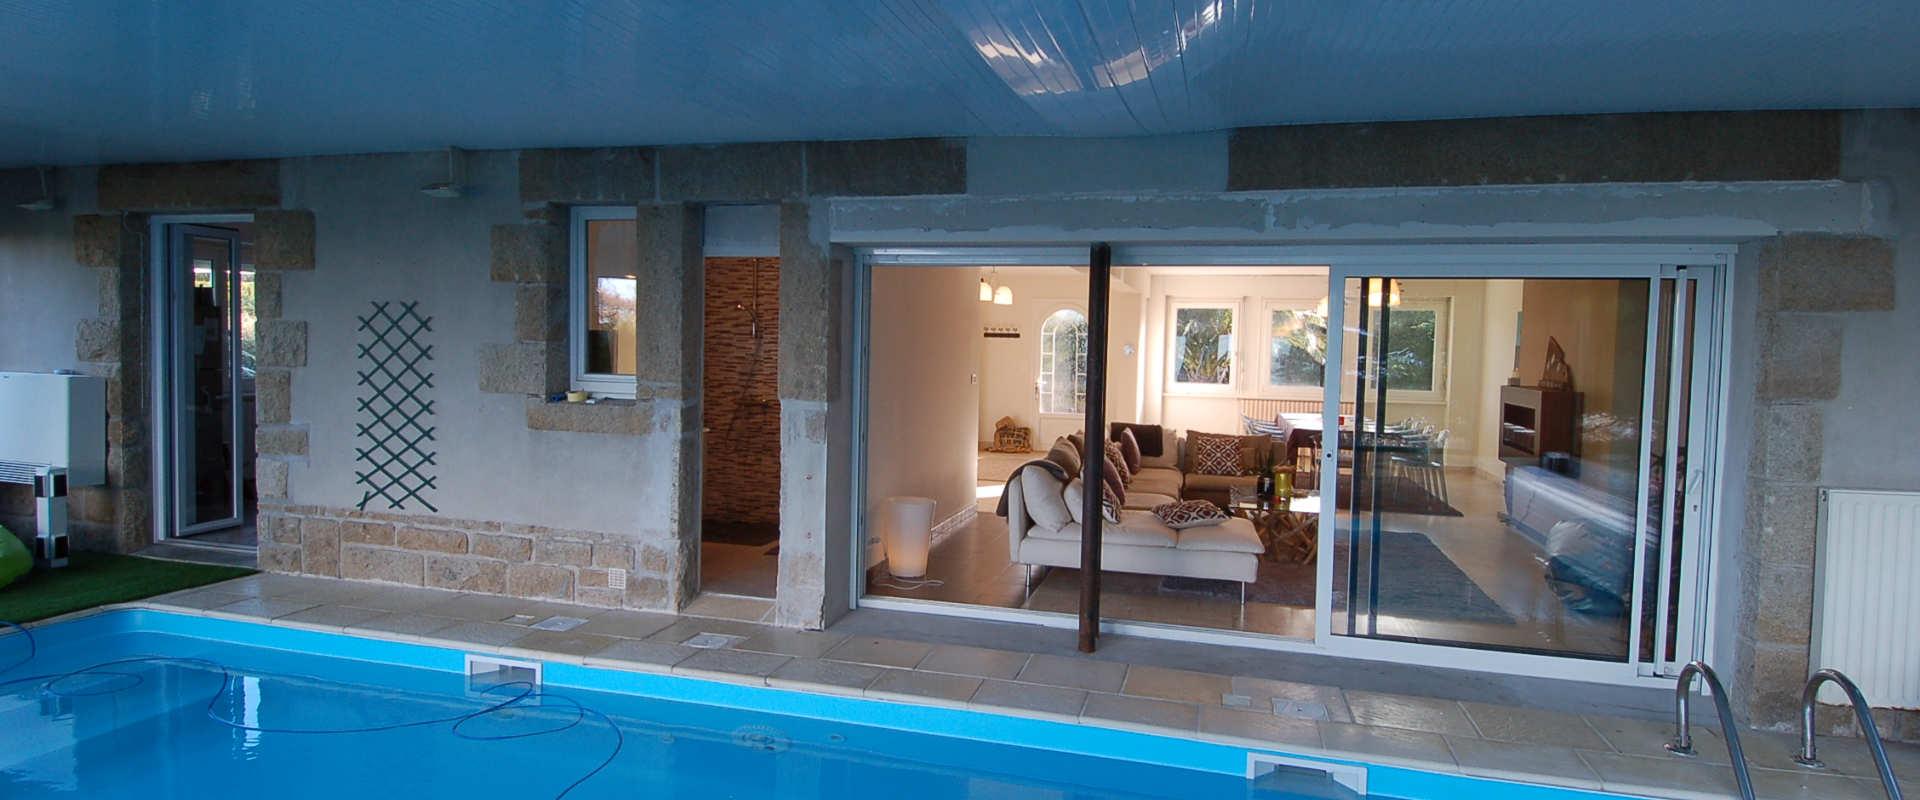 ladune4au-bord-de-la-piscine.jpg